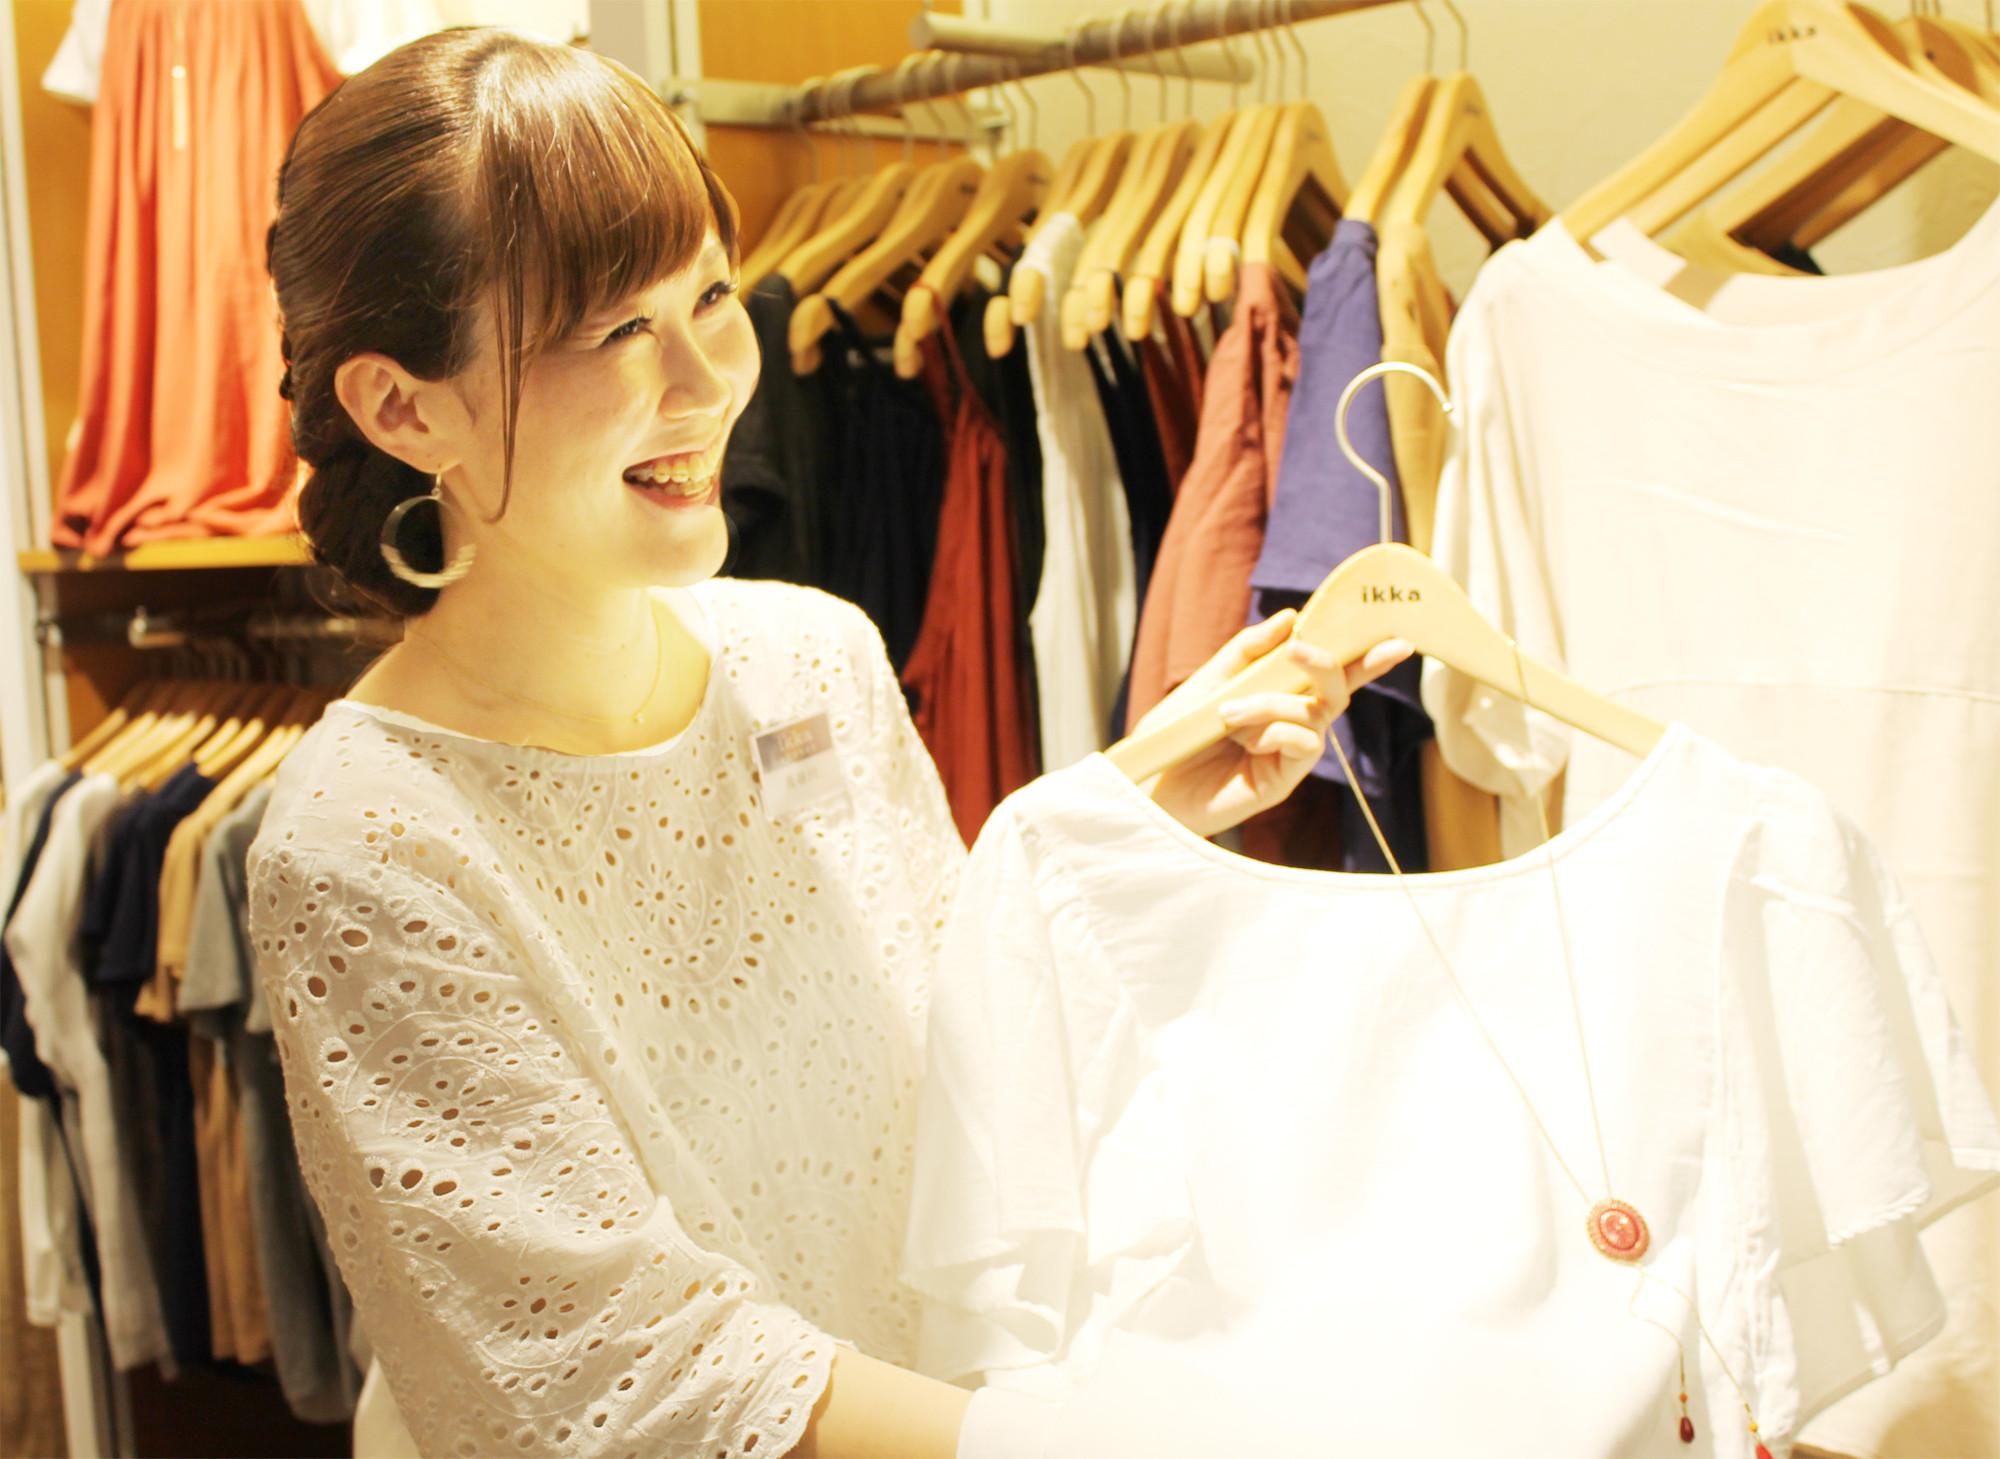 ikka(イッカ) 湘南モールフィル店 のアルバイト情報